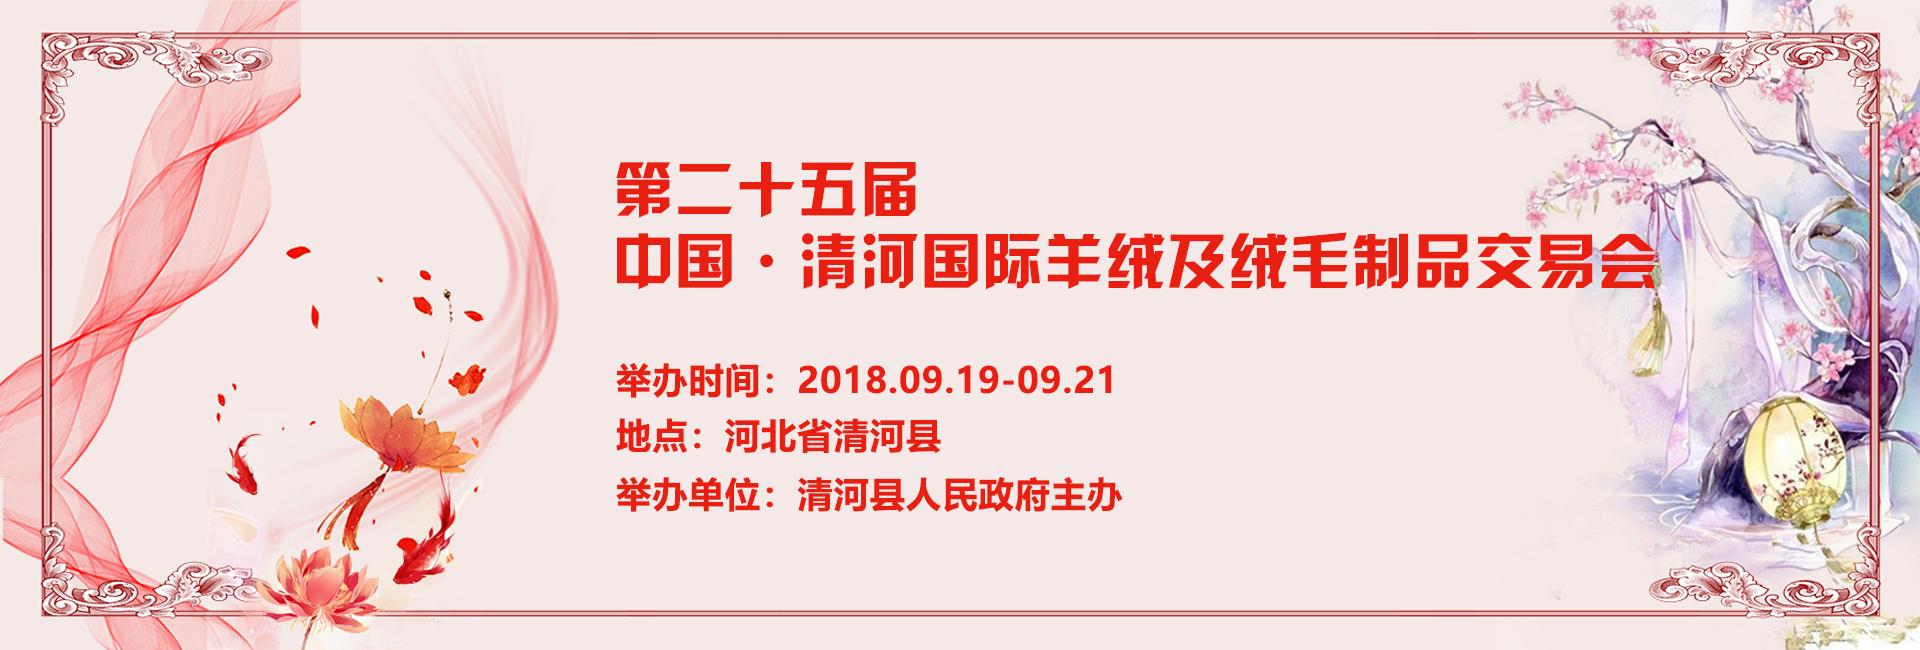 第25届中国·清河国际羊绒及绒毛制品交易会暨清河羊绒时尚节